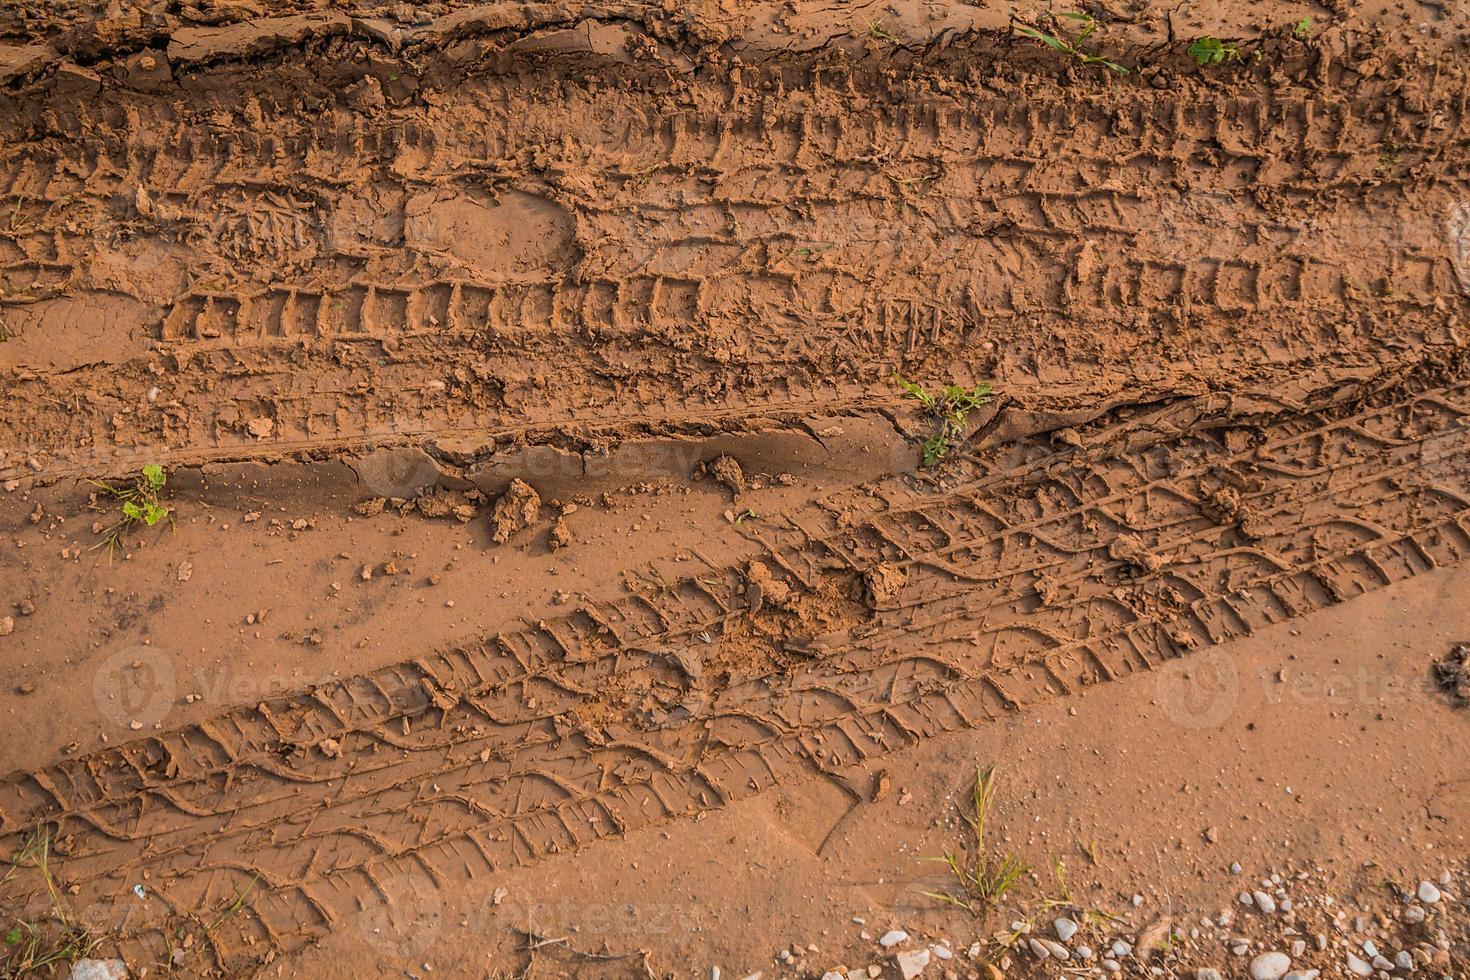 trama di fango marrone bagnato con tracce di pneumatici per auto e impronta di scarpe foto